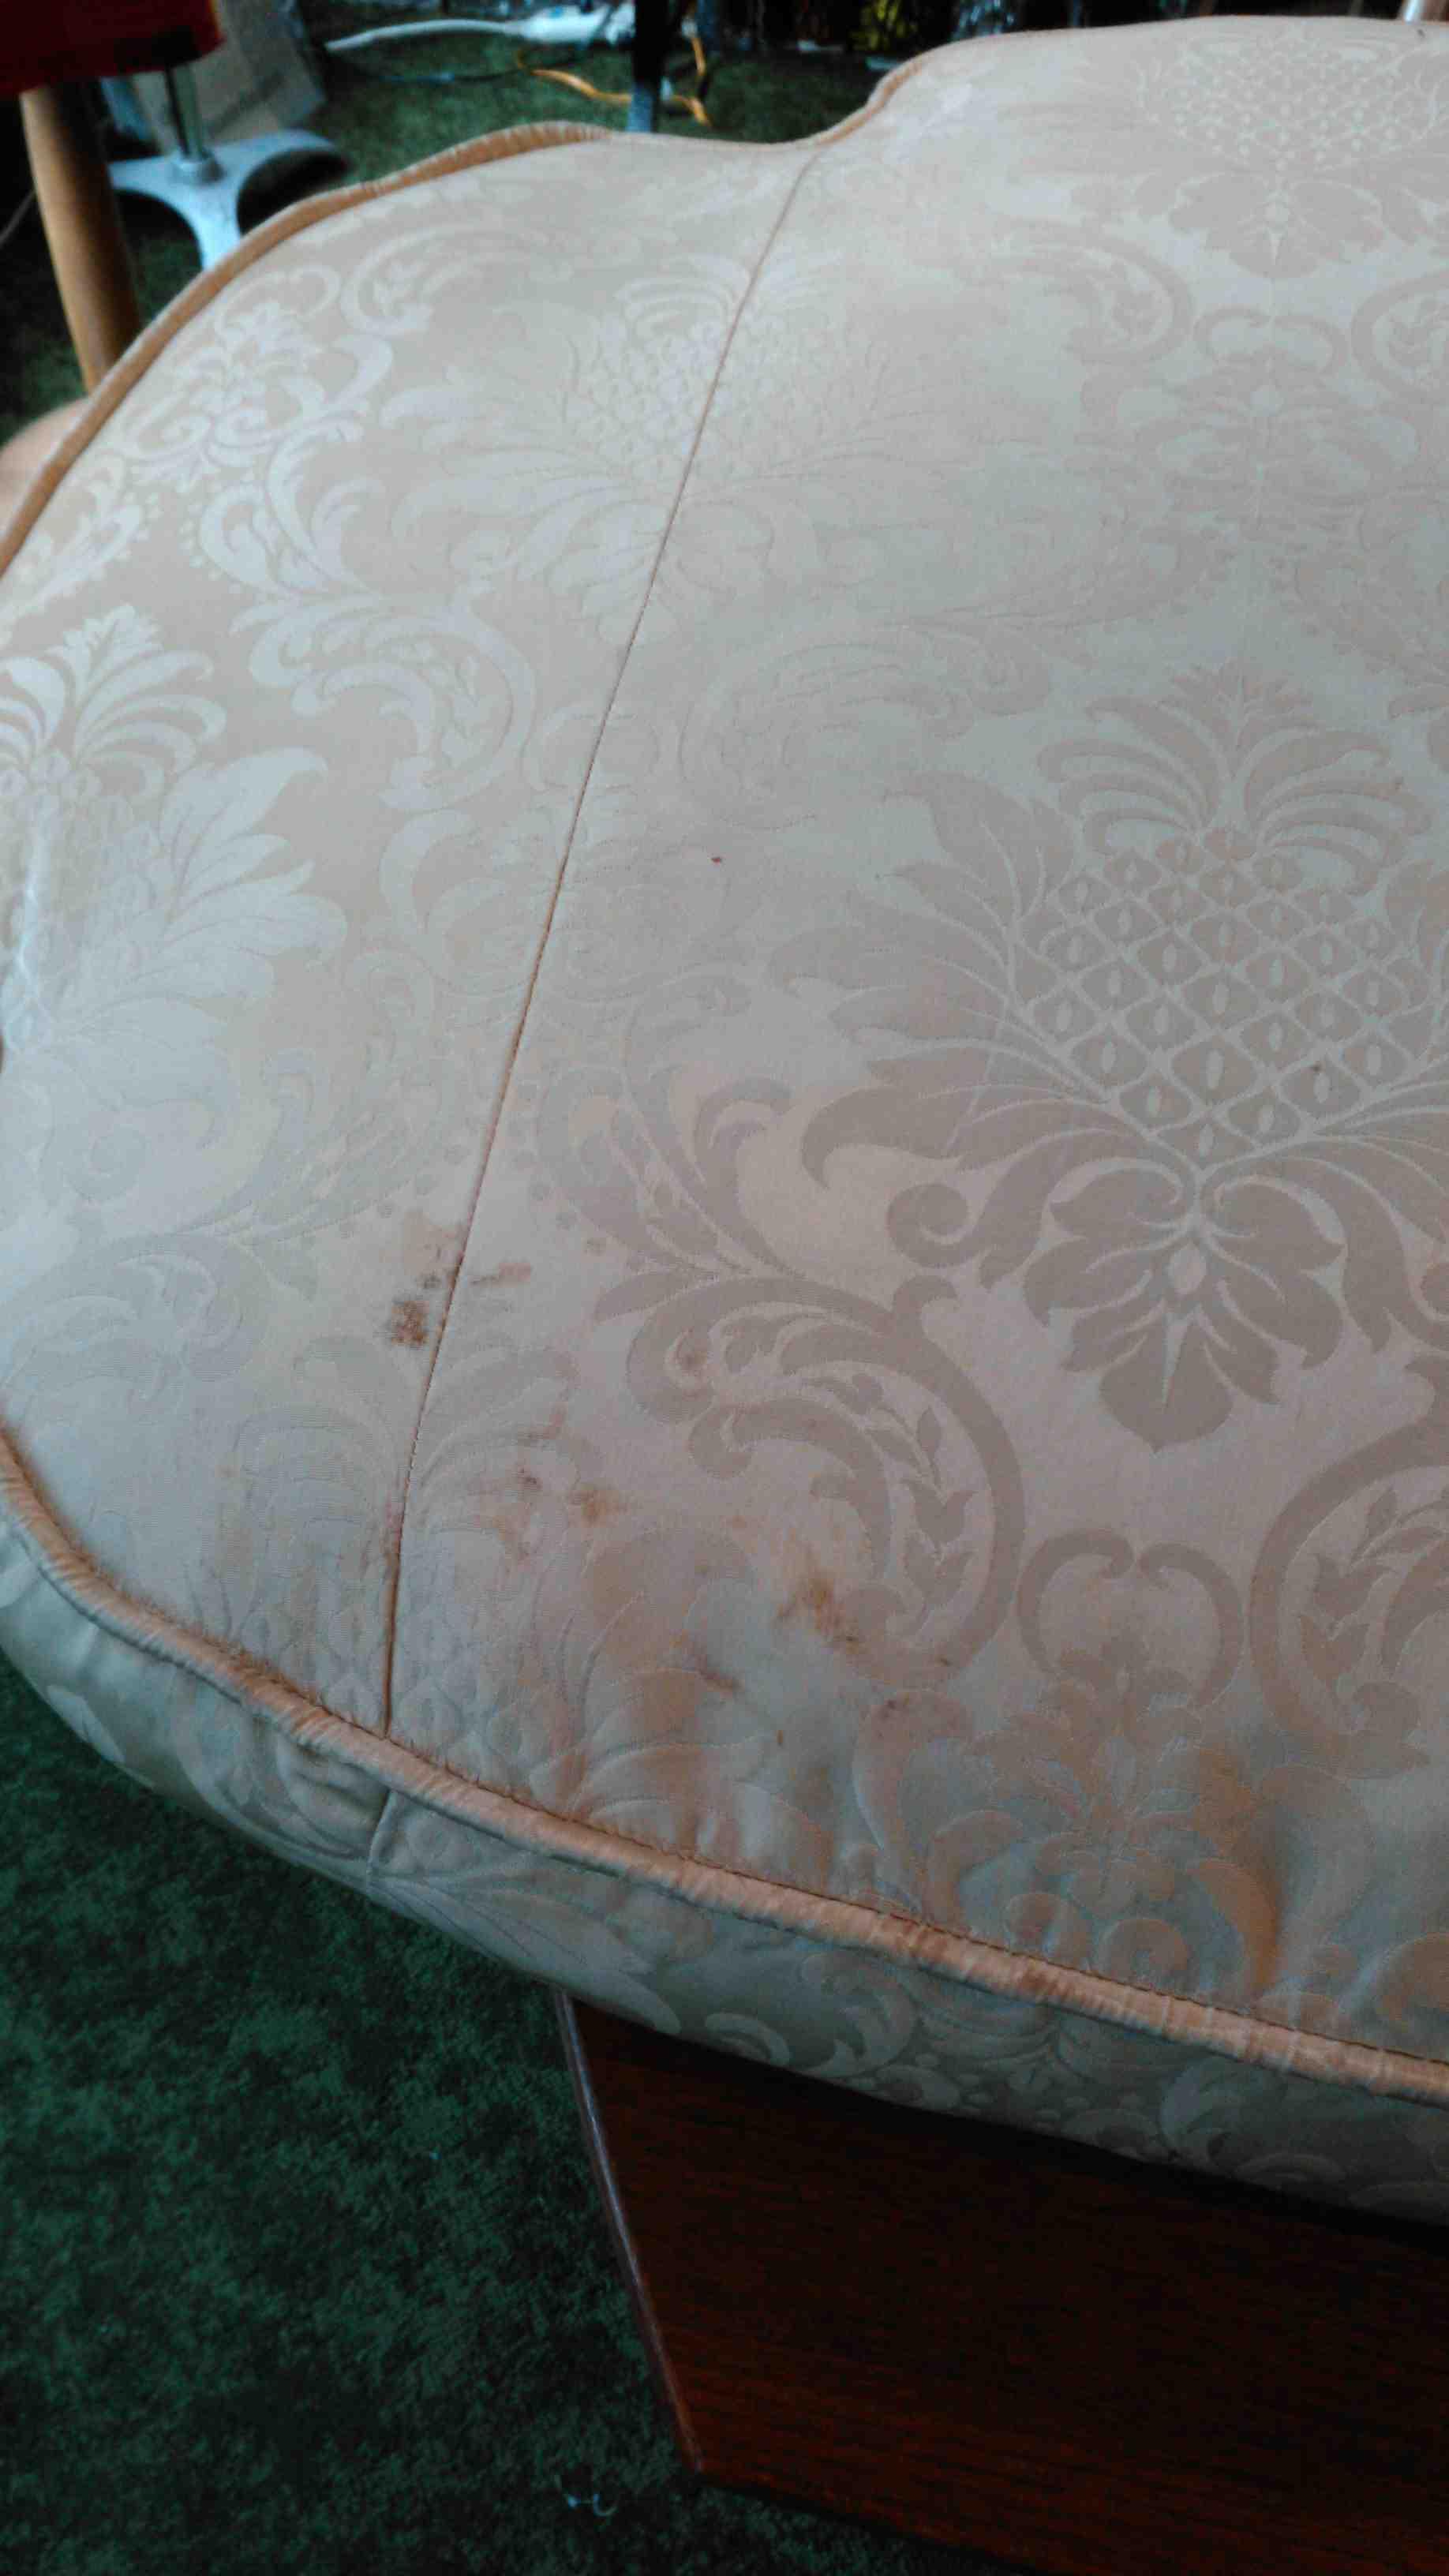 ソファと椅子のクッションクリーニング_c0157866_19483524.jpg